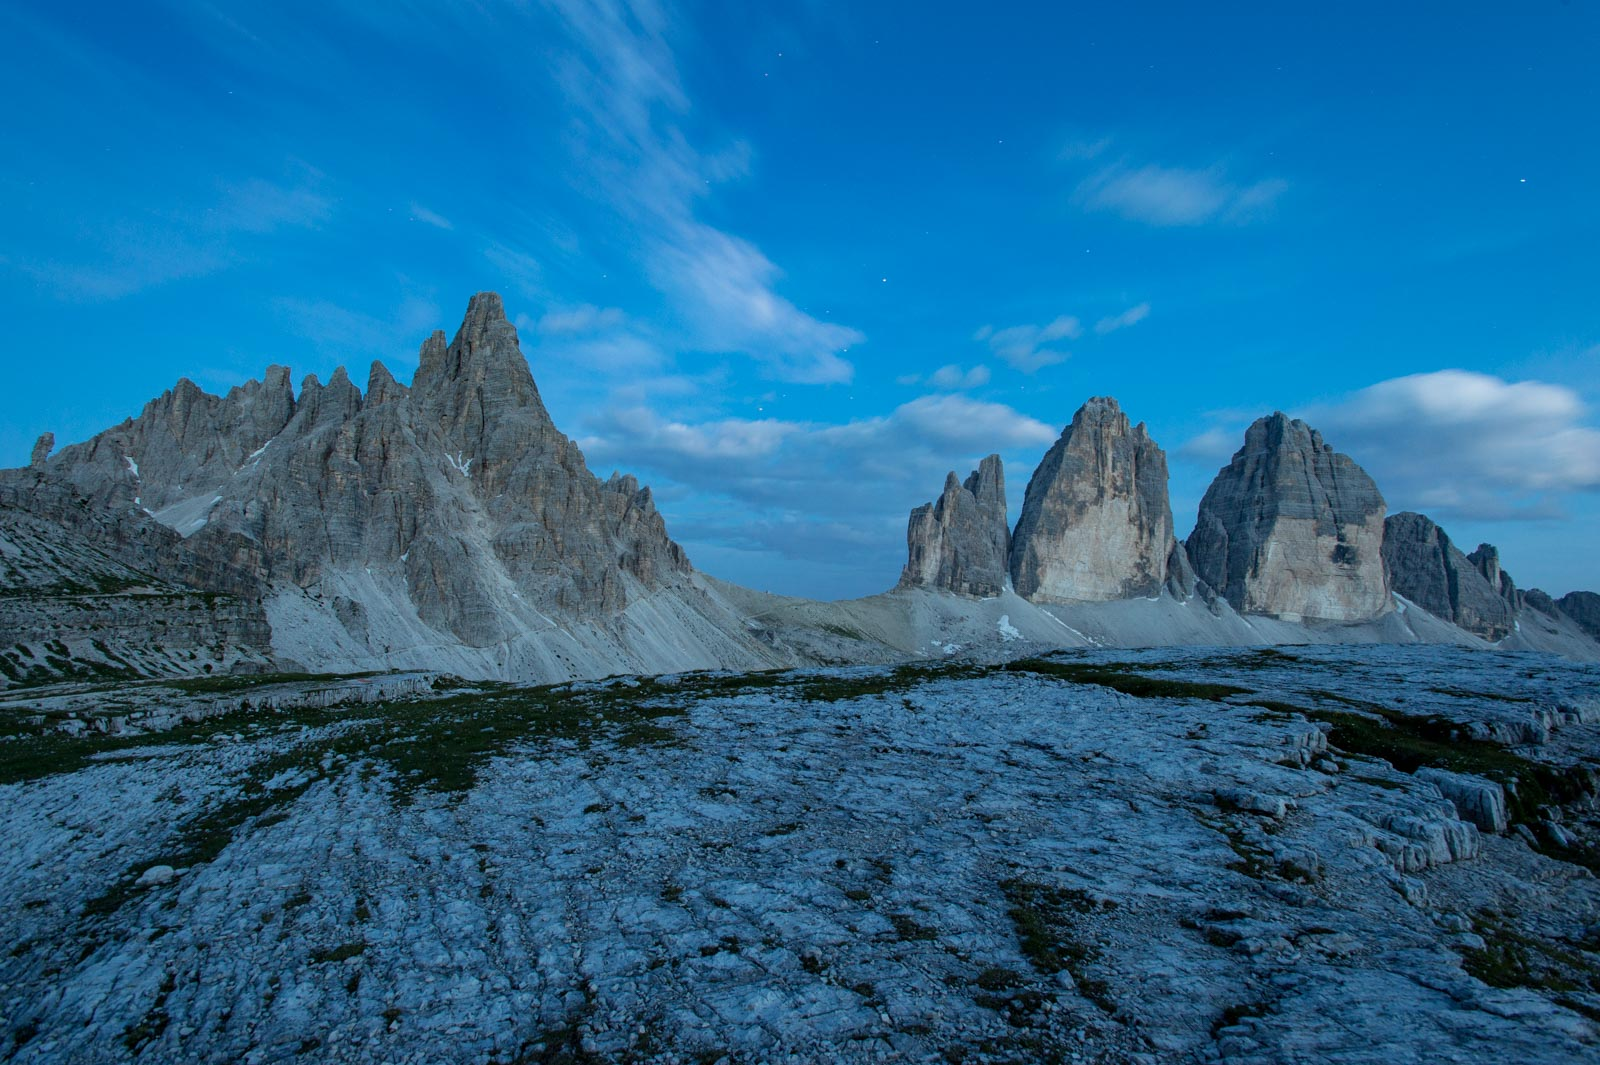 Pixcube Workshop Dolomiti UNESCO Parco Naturale Tre Cime